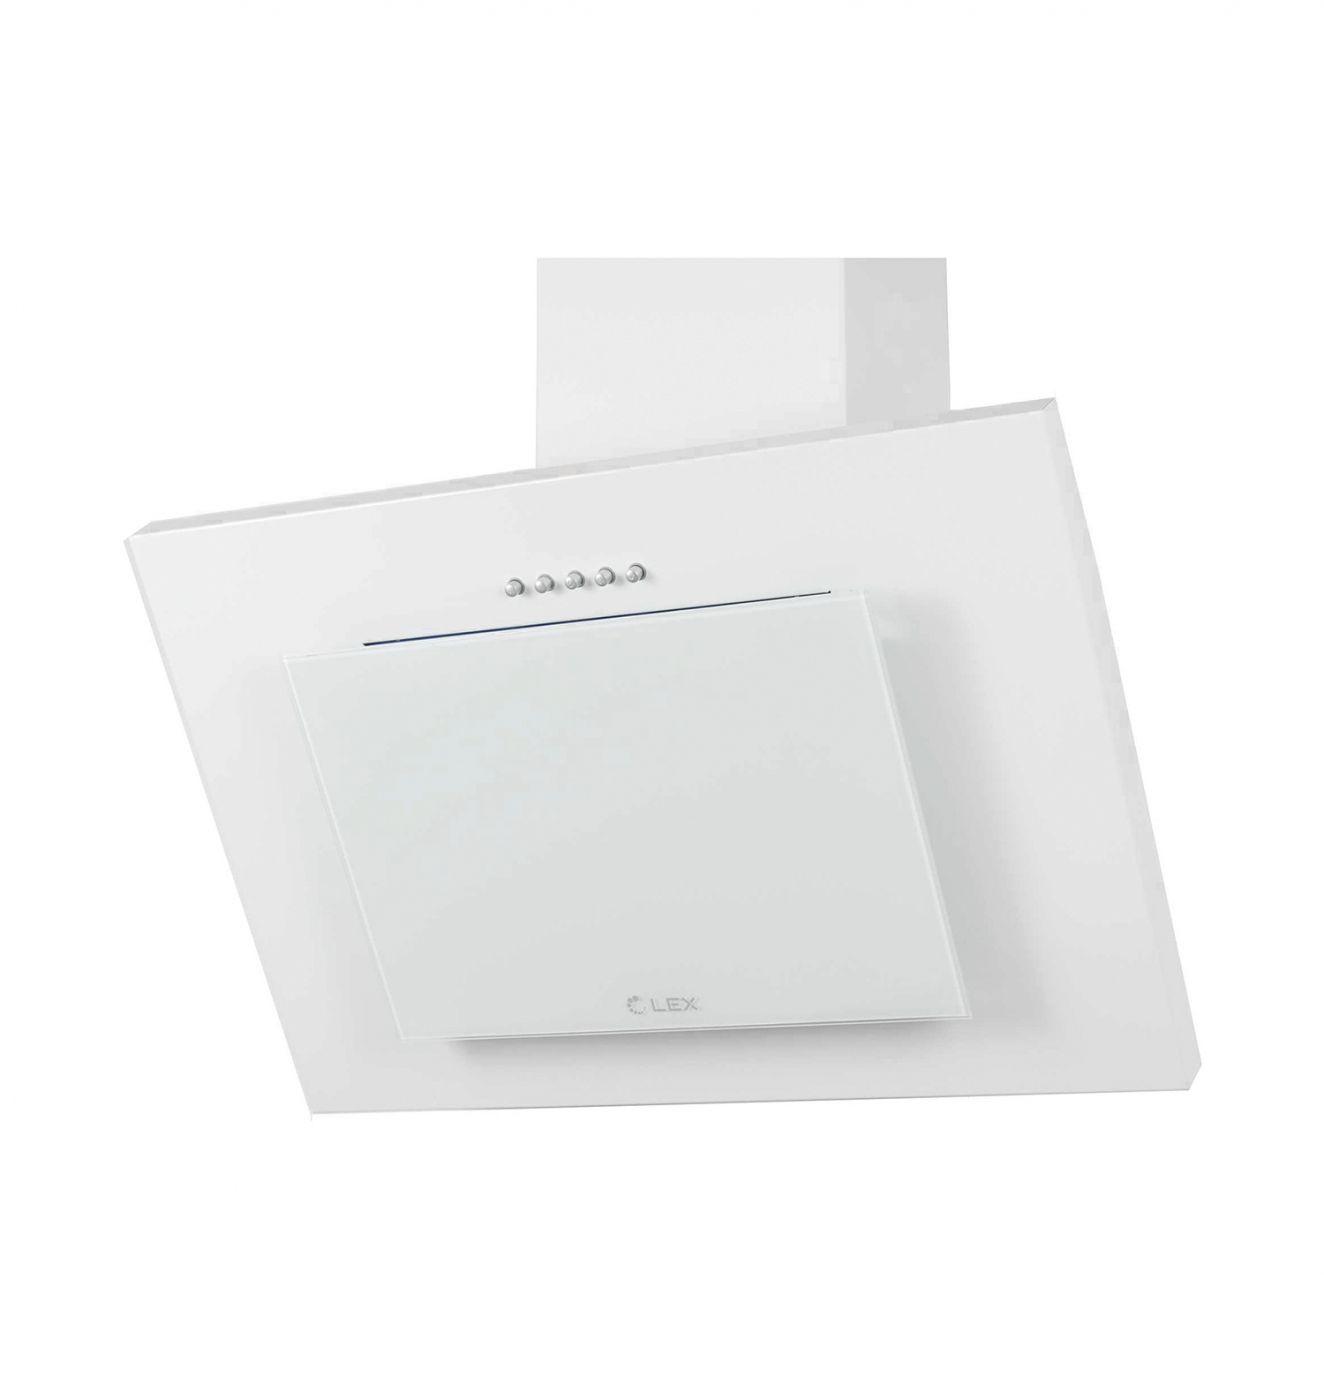 Каминная вытяжка LEX Mini 600 white (PLMA000073)